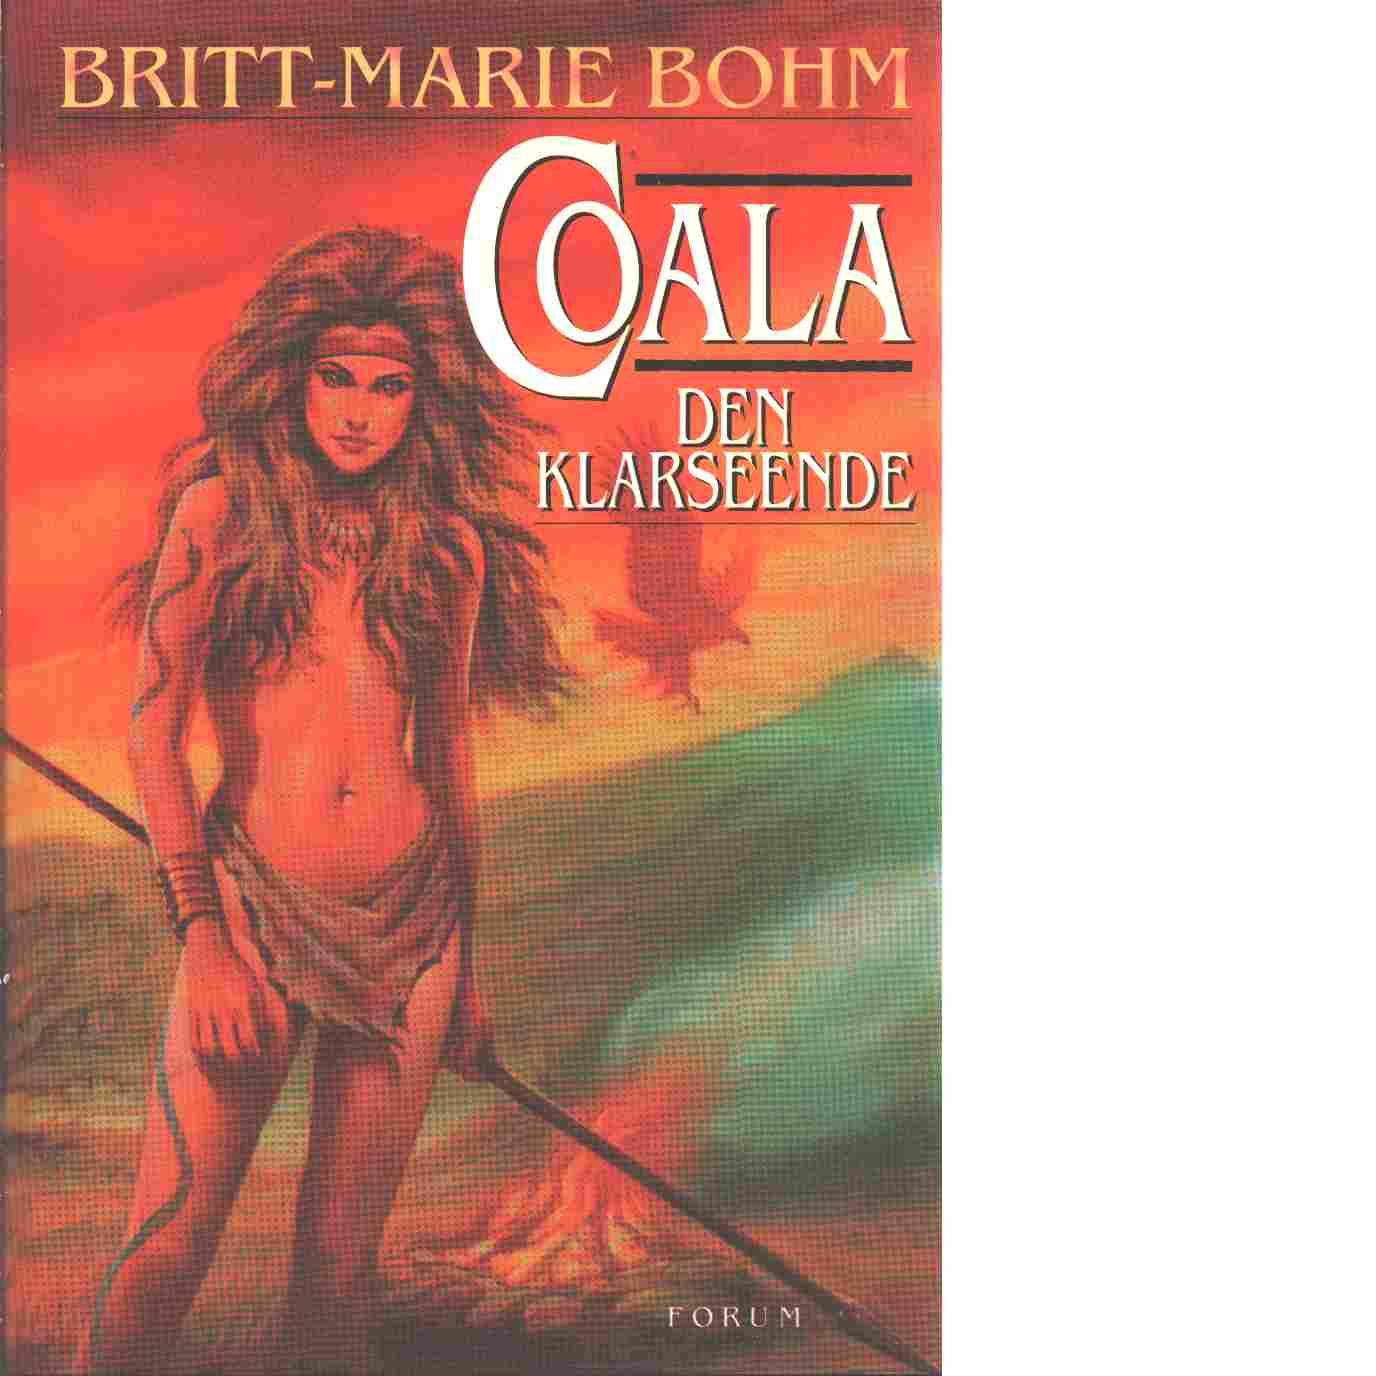 Coala - den klarseende - Bohm, Britt-Marie